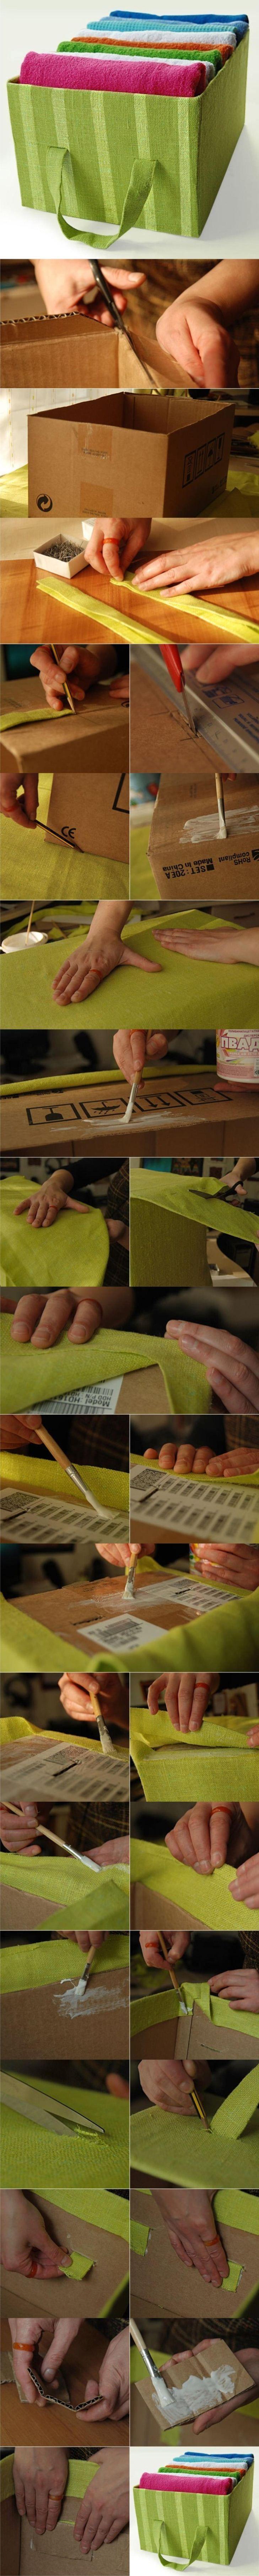 Decora y diviértete: Un DIY de como forrar una caja de cartón